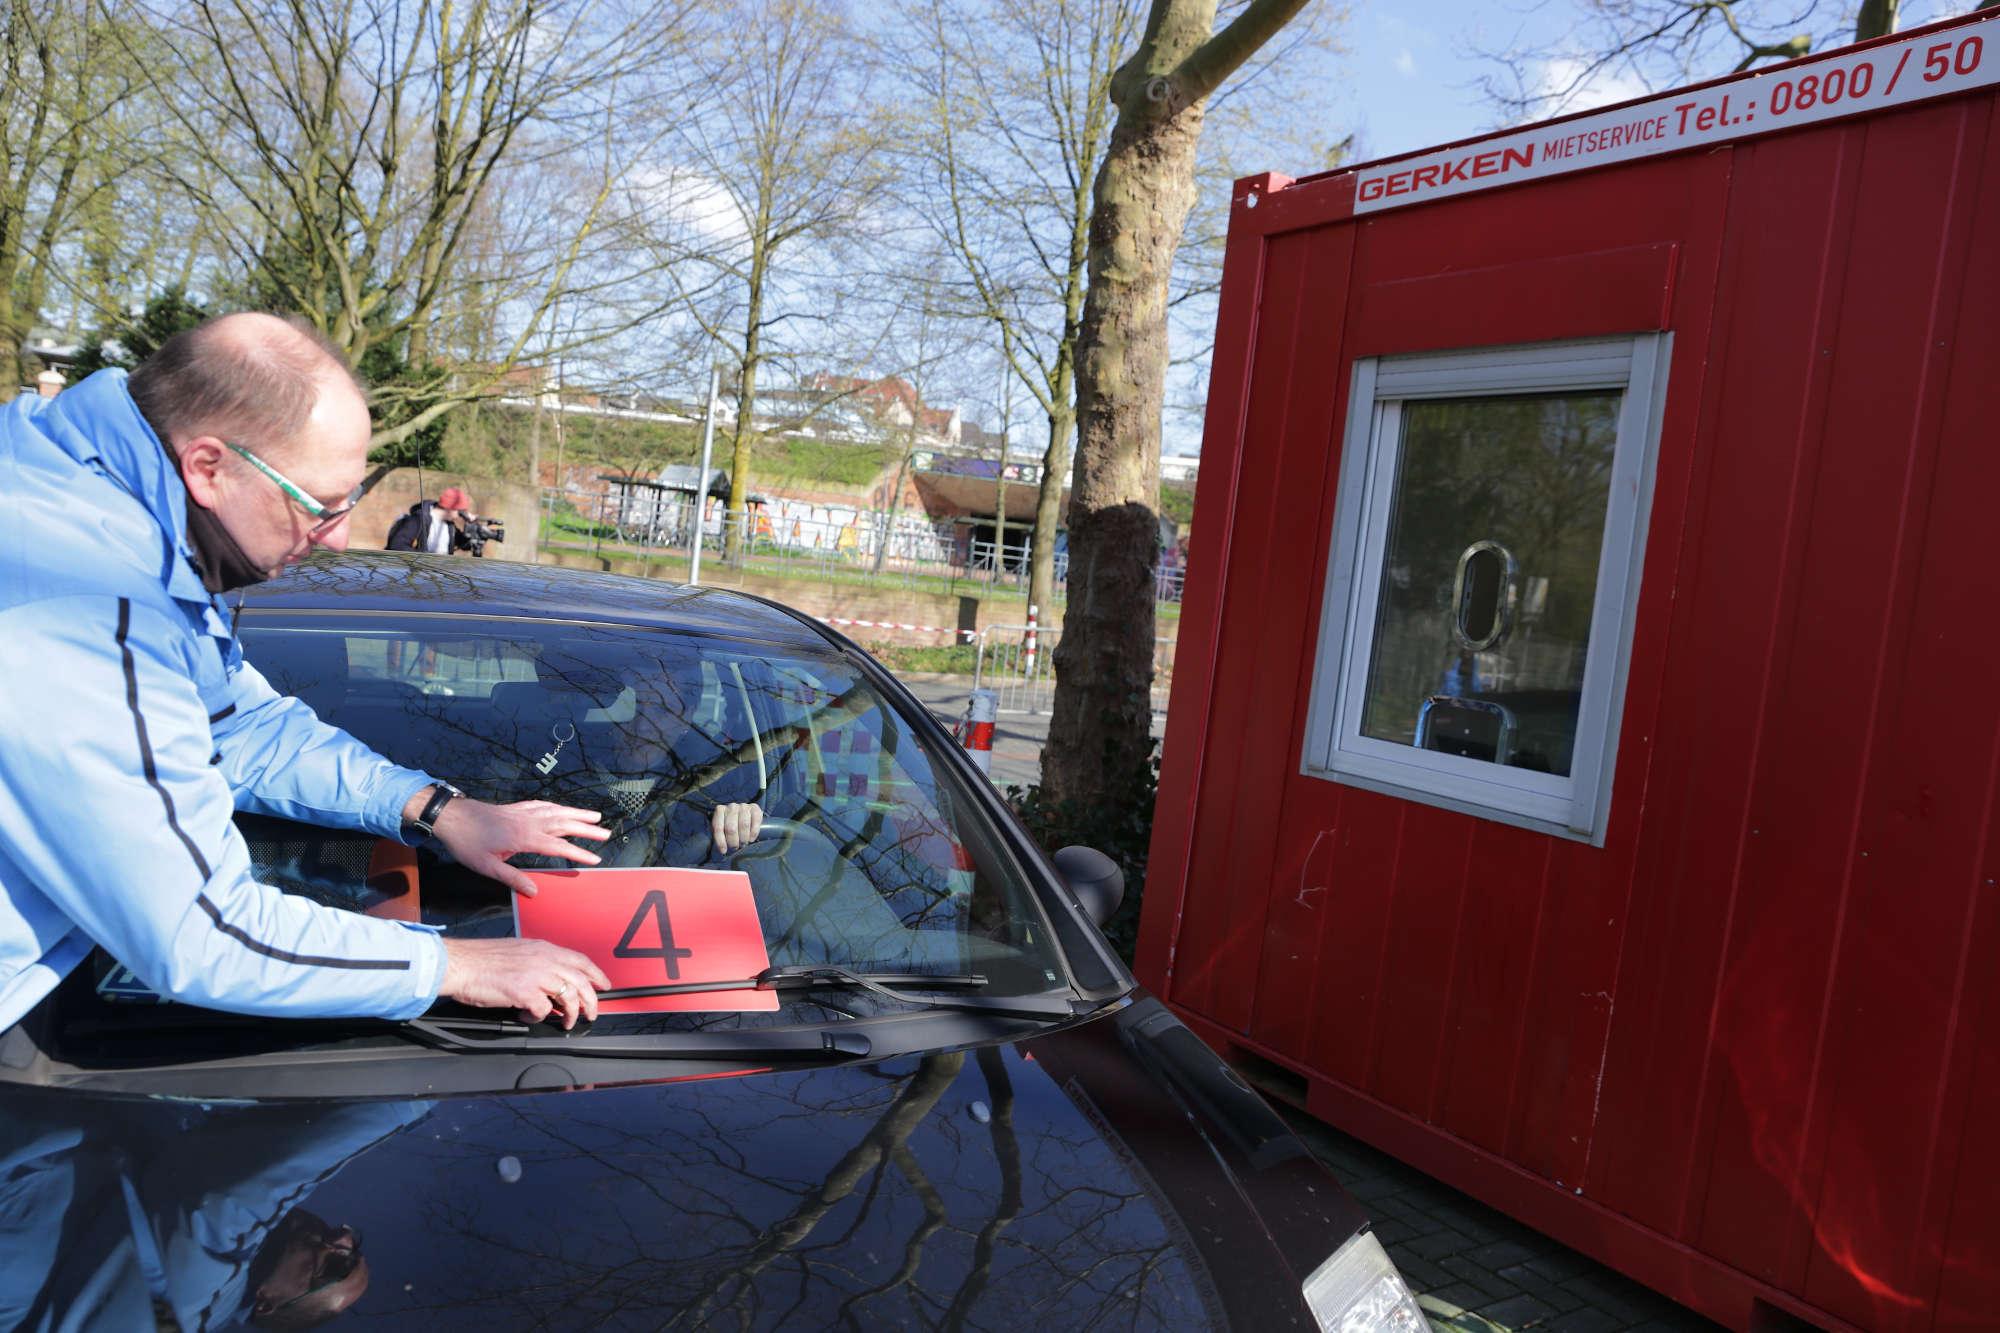 Weiterleitung zum Corona-Test: Nach der Anmeldung im Drive-In-Diagnose-Center wird der Pkw einer Fahrspur zugewiesen. (Foto: Landeshauptstadt Düsseldorf/Ingo Lammert)